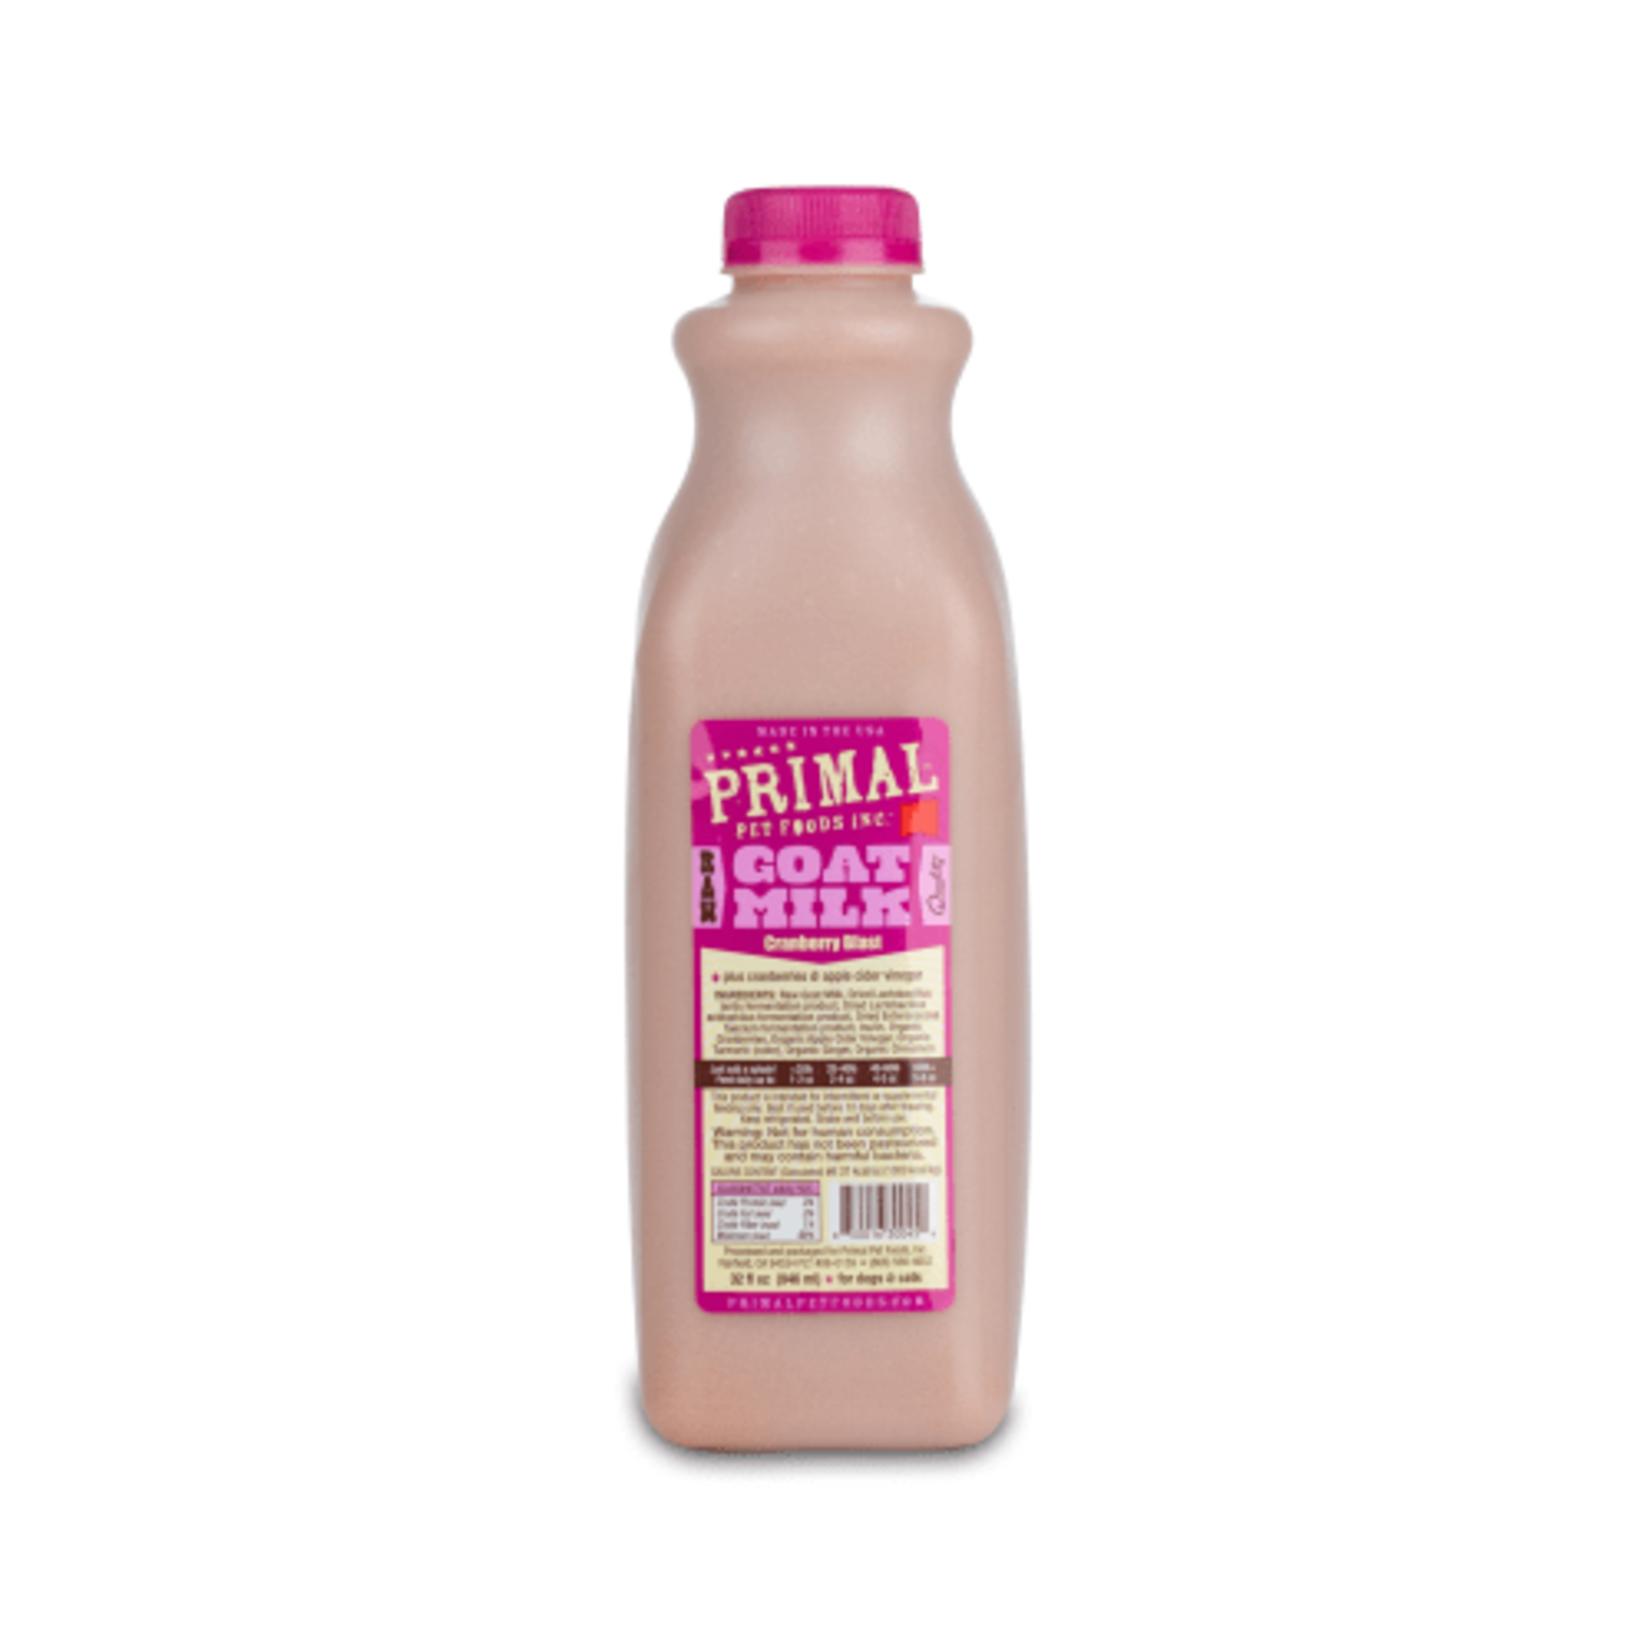 Primal Pet Foods Primal Frozen Raw Goat Milk Cranberry Blast 32 OZ